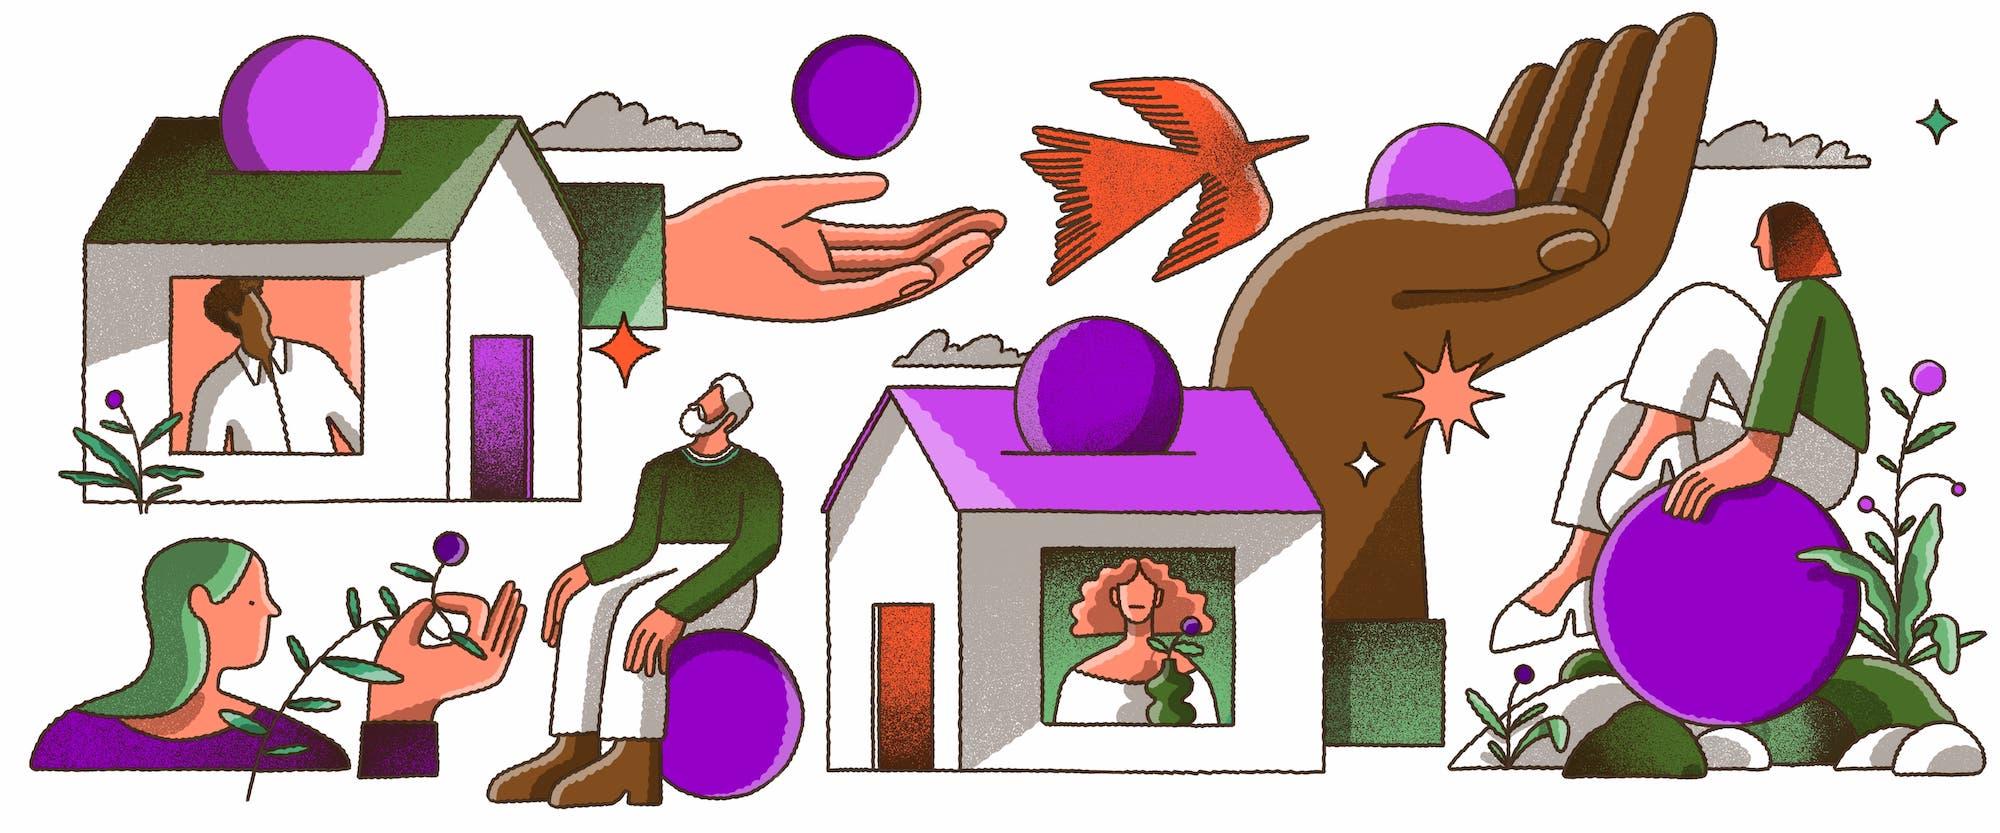 Contestar auxílio emergencial negado: Ilustração que mistura vários elementos: duas casas, uma de telhado verde e outra de telhado roxo, cada uma com uma pessoa olhando pela janela e círculos roxos entrando pelo teto como se fosse uma moeda em um cofre; duas pessoas sentadas sobre círculos roxos; mãos segurando os círculos roxos; uma andorinha vermelha voando